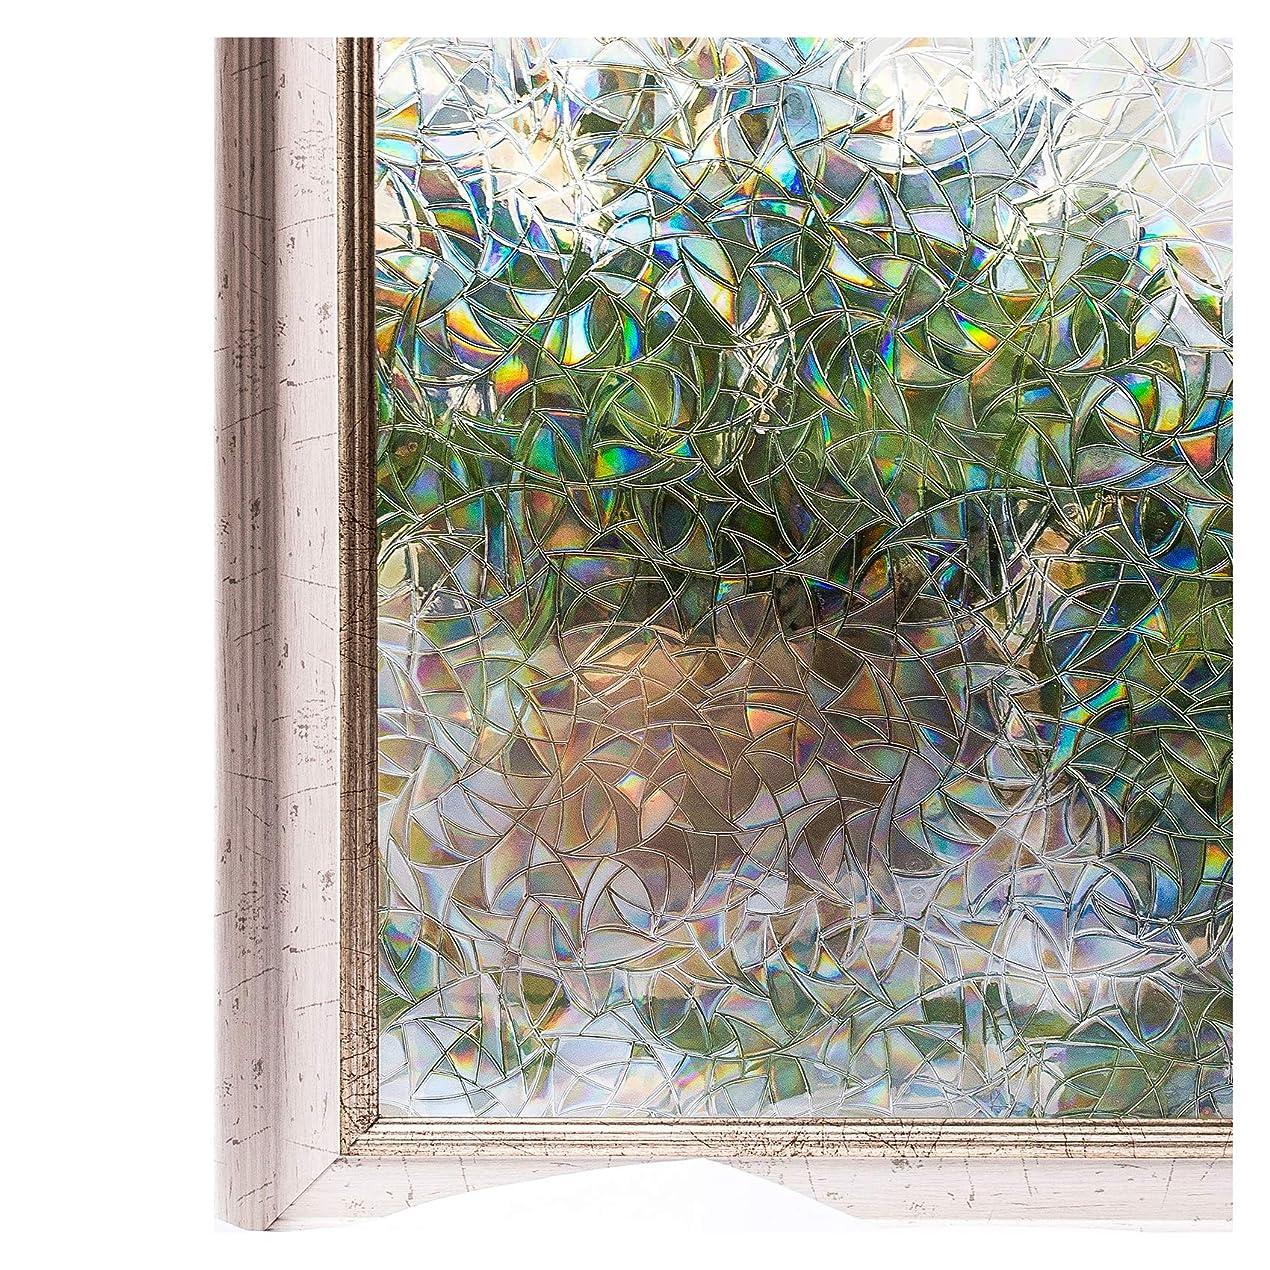 歩道ディスカウント高さCottonColors 窓用フィルム 目隠しシート 何度も貼直せる 窓ガラスフィルム 紫外線カット 90x200cm のり無し 3Dステンドグラス DIY 夢の間018